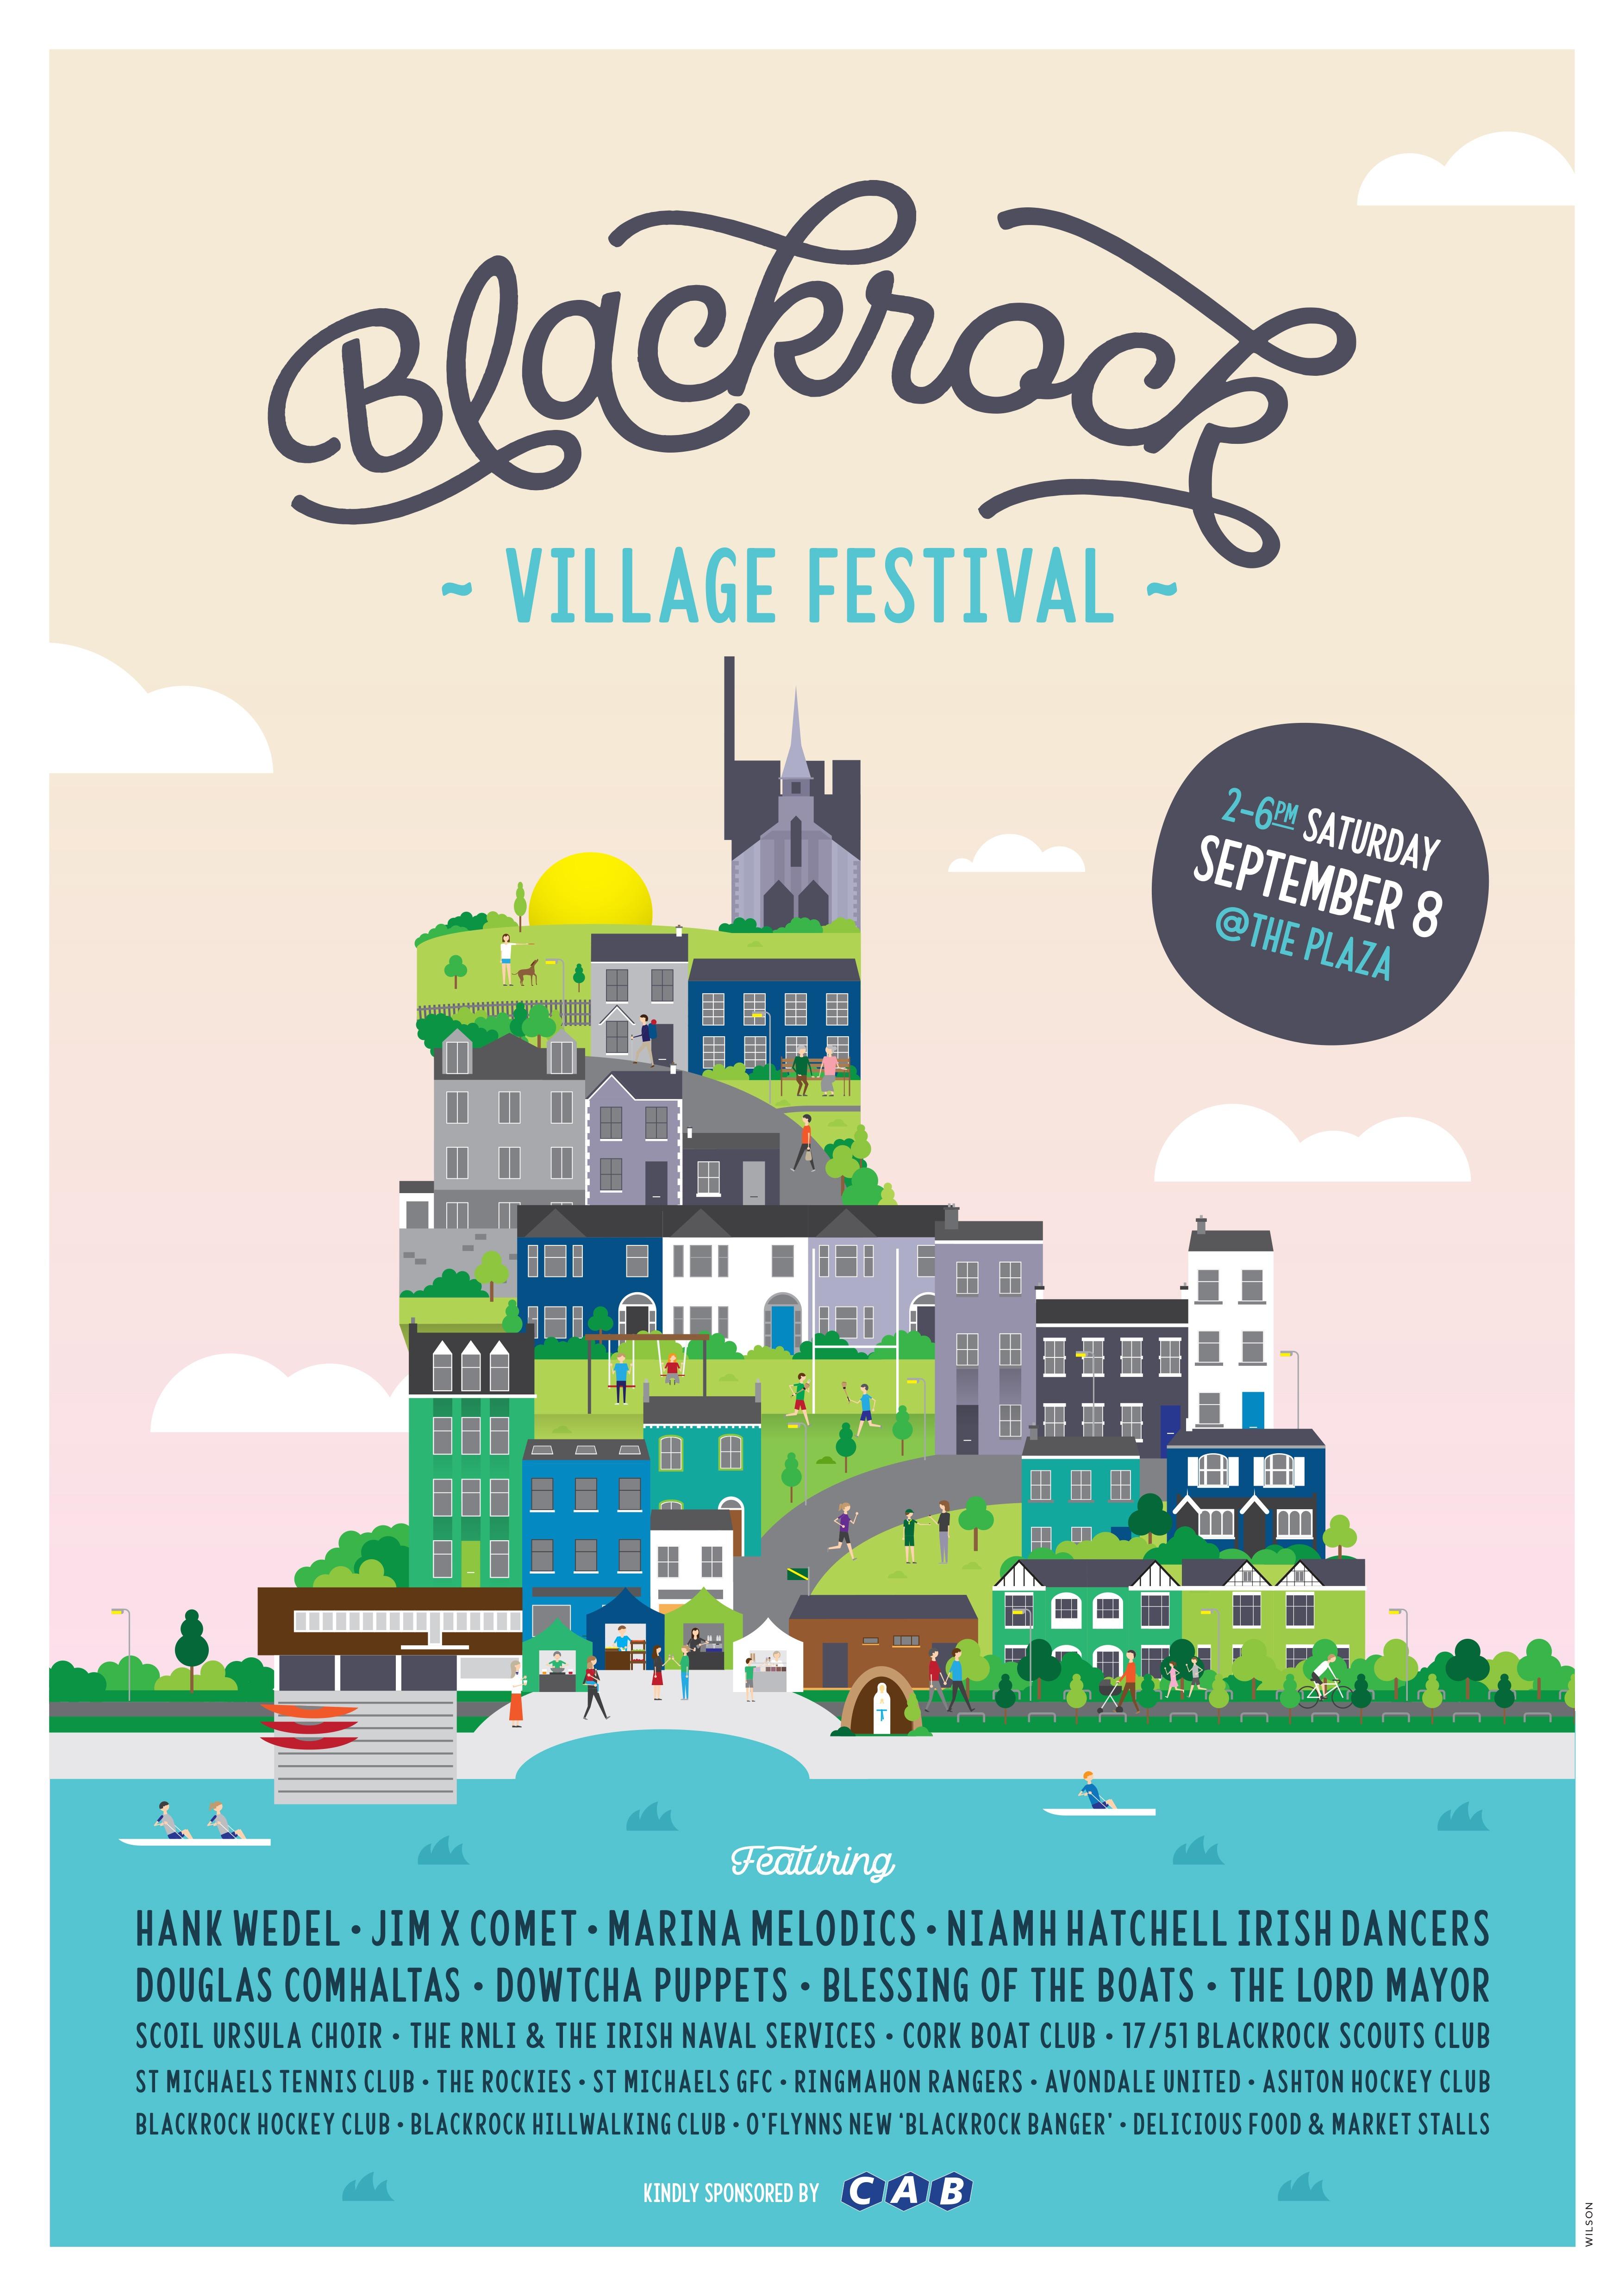 Cover image: Blackrock Village Festival